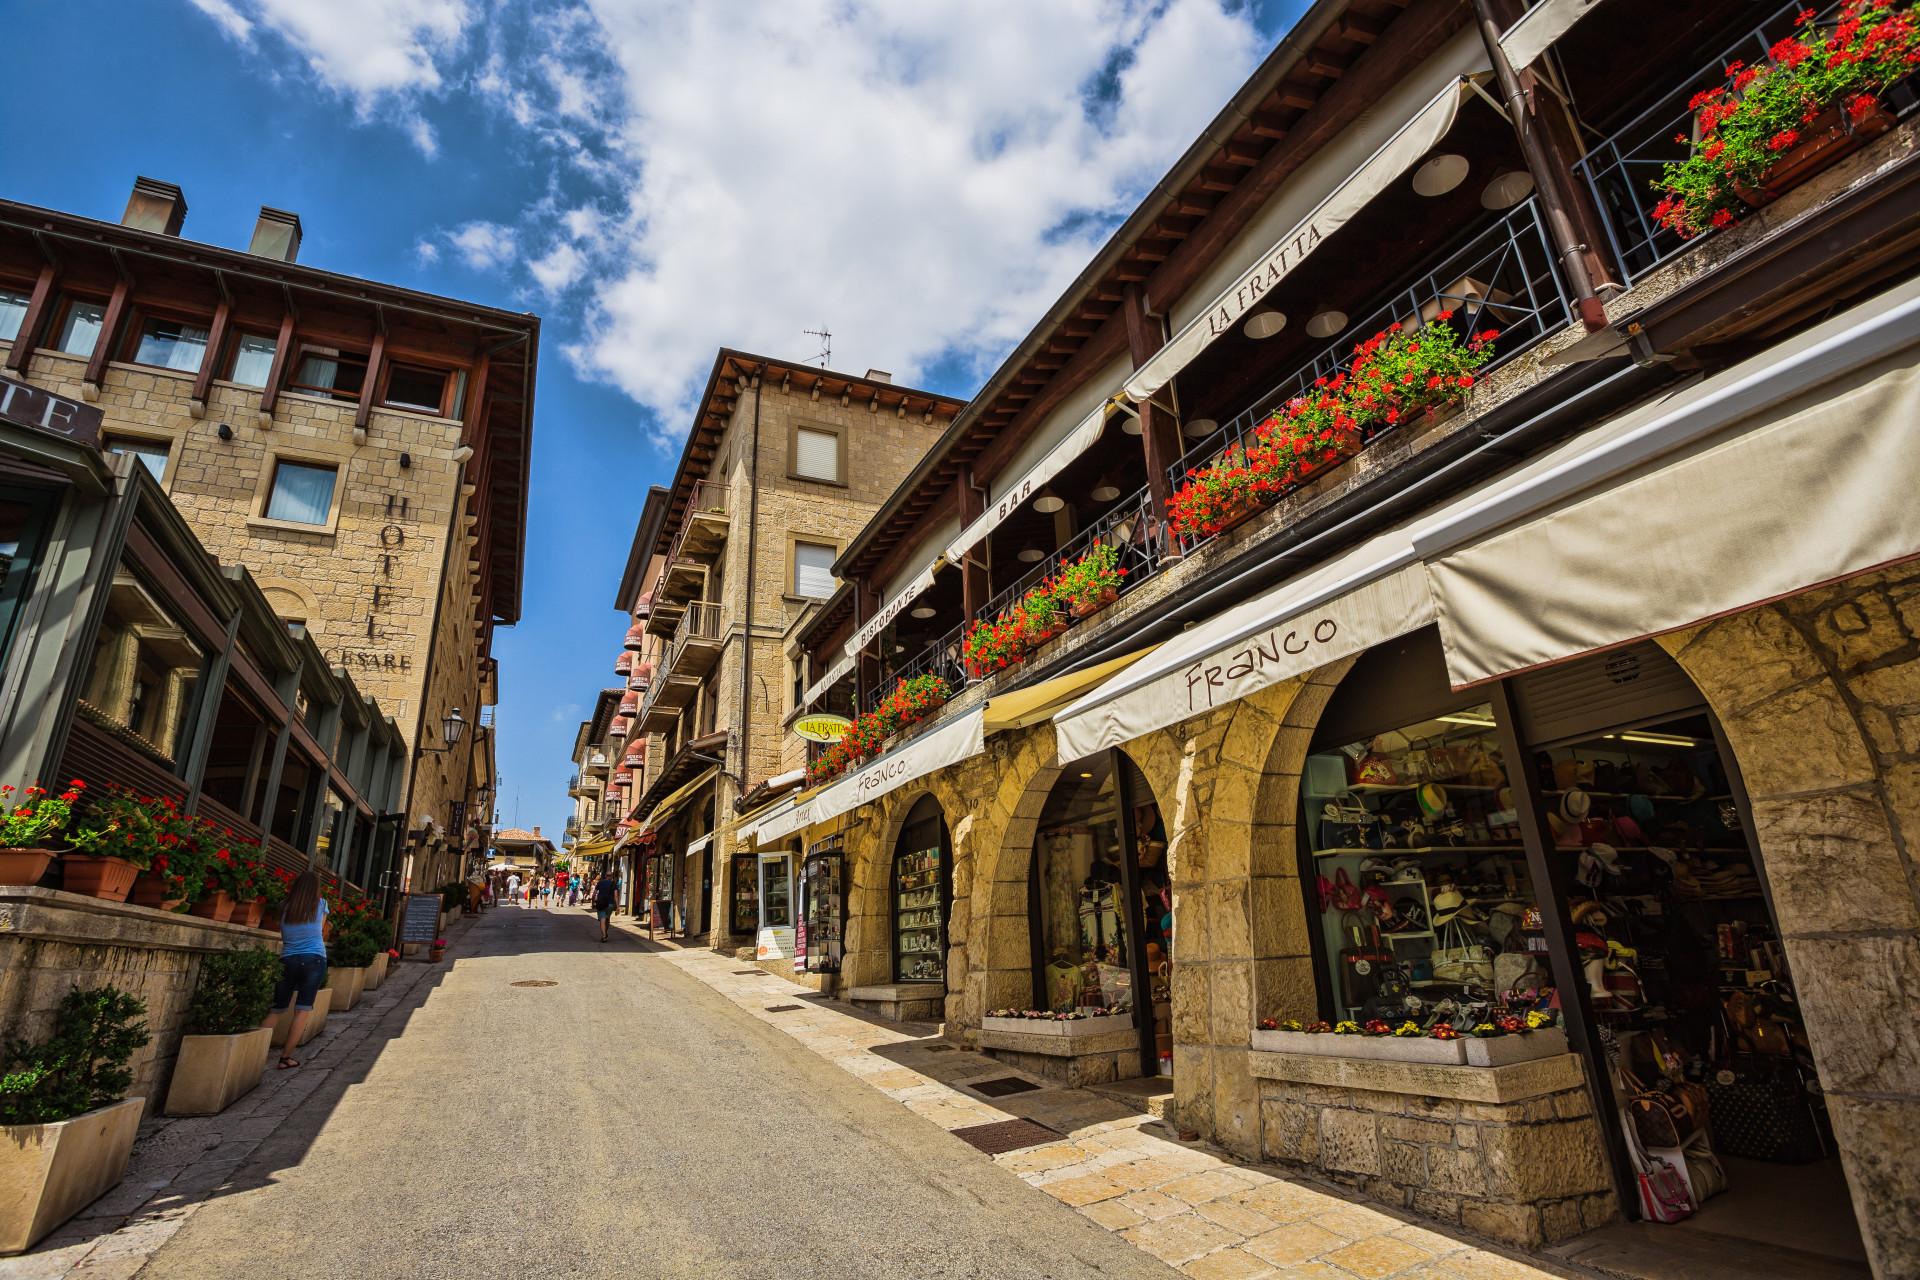 Conheça o pequeno país europeu que tem feito sucesso entre os turistas